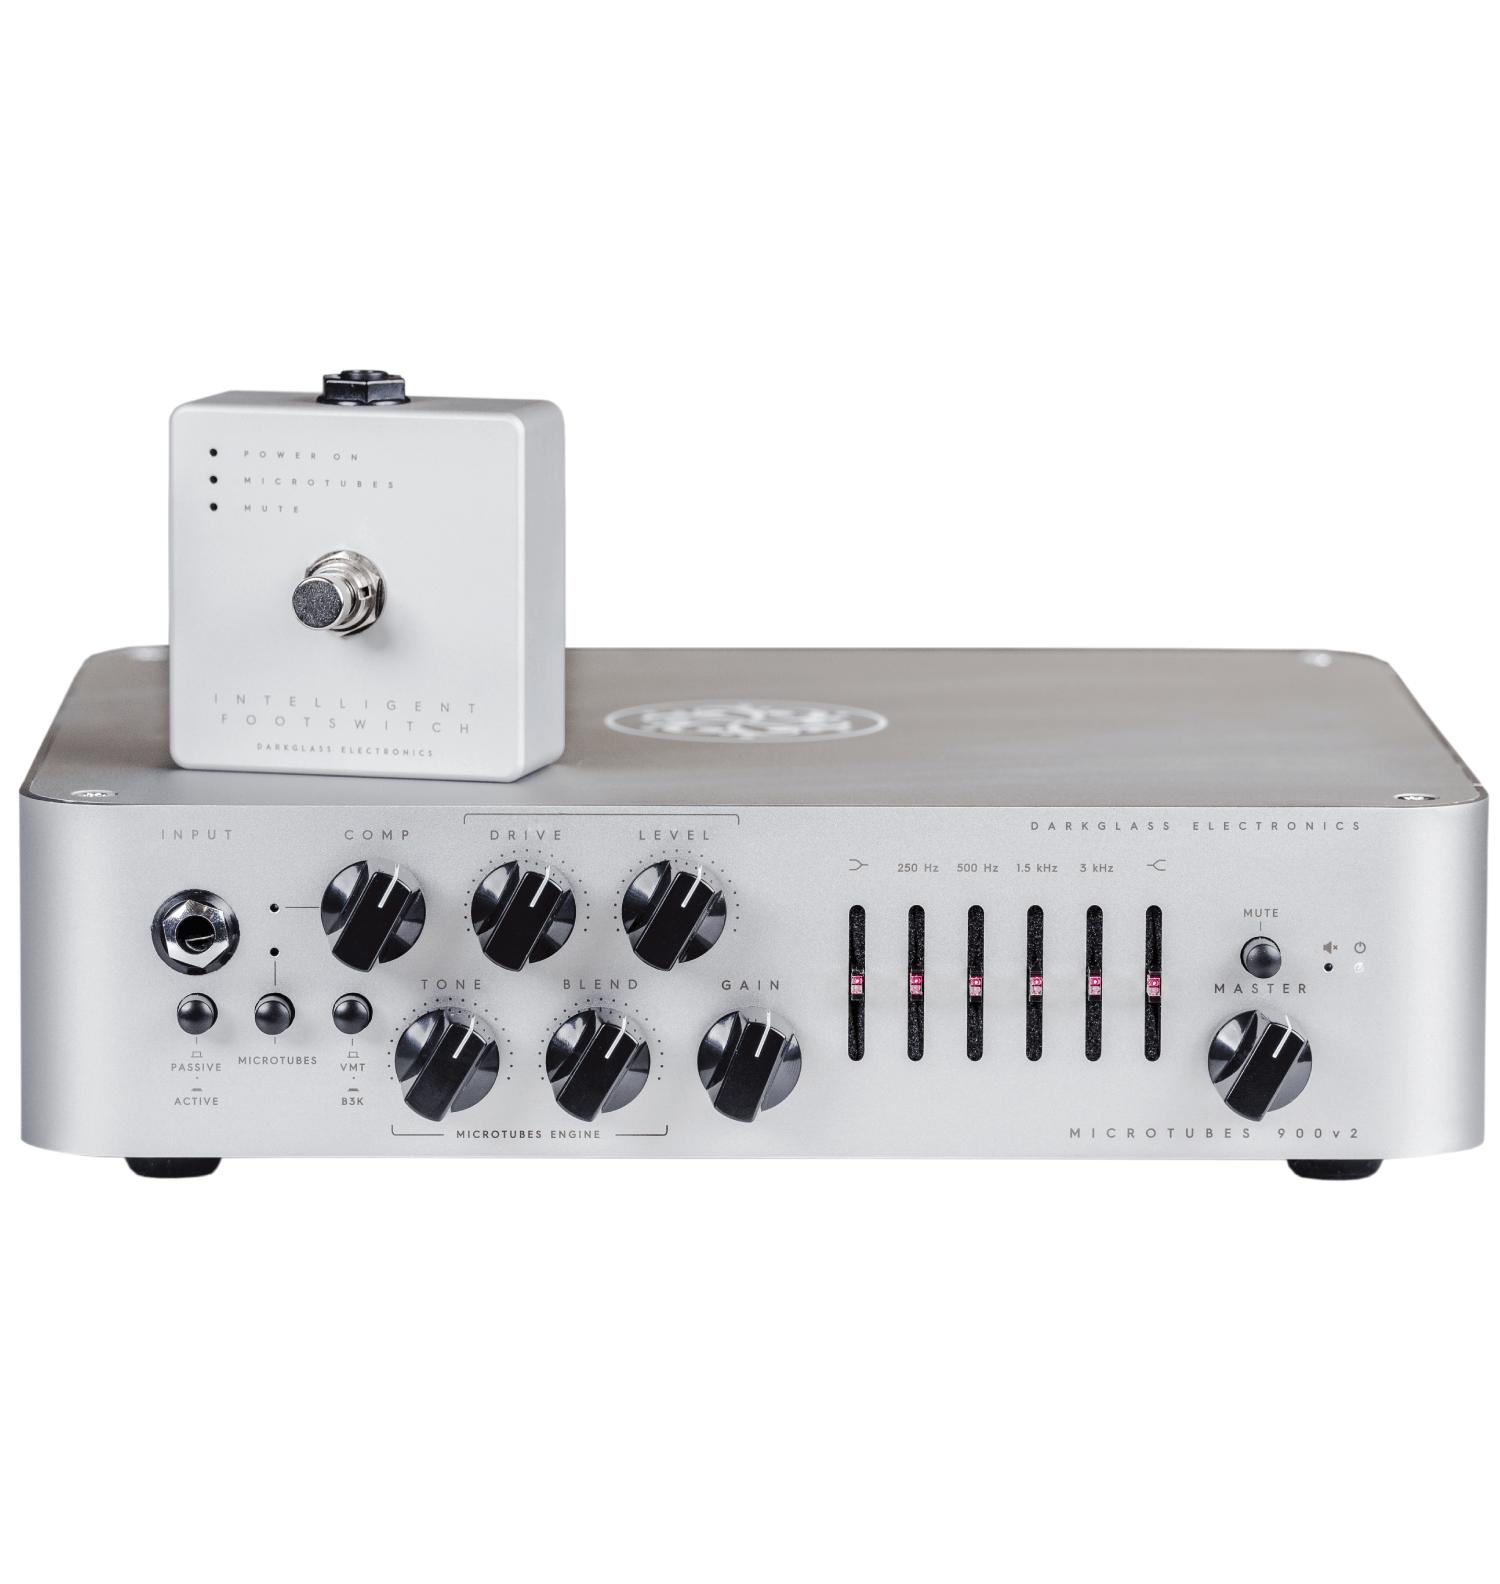 Darkglass Microtubes 900v2 Bass Amplifier 900W